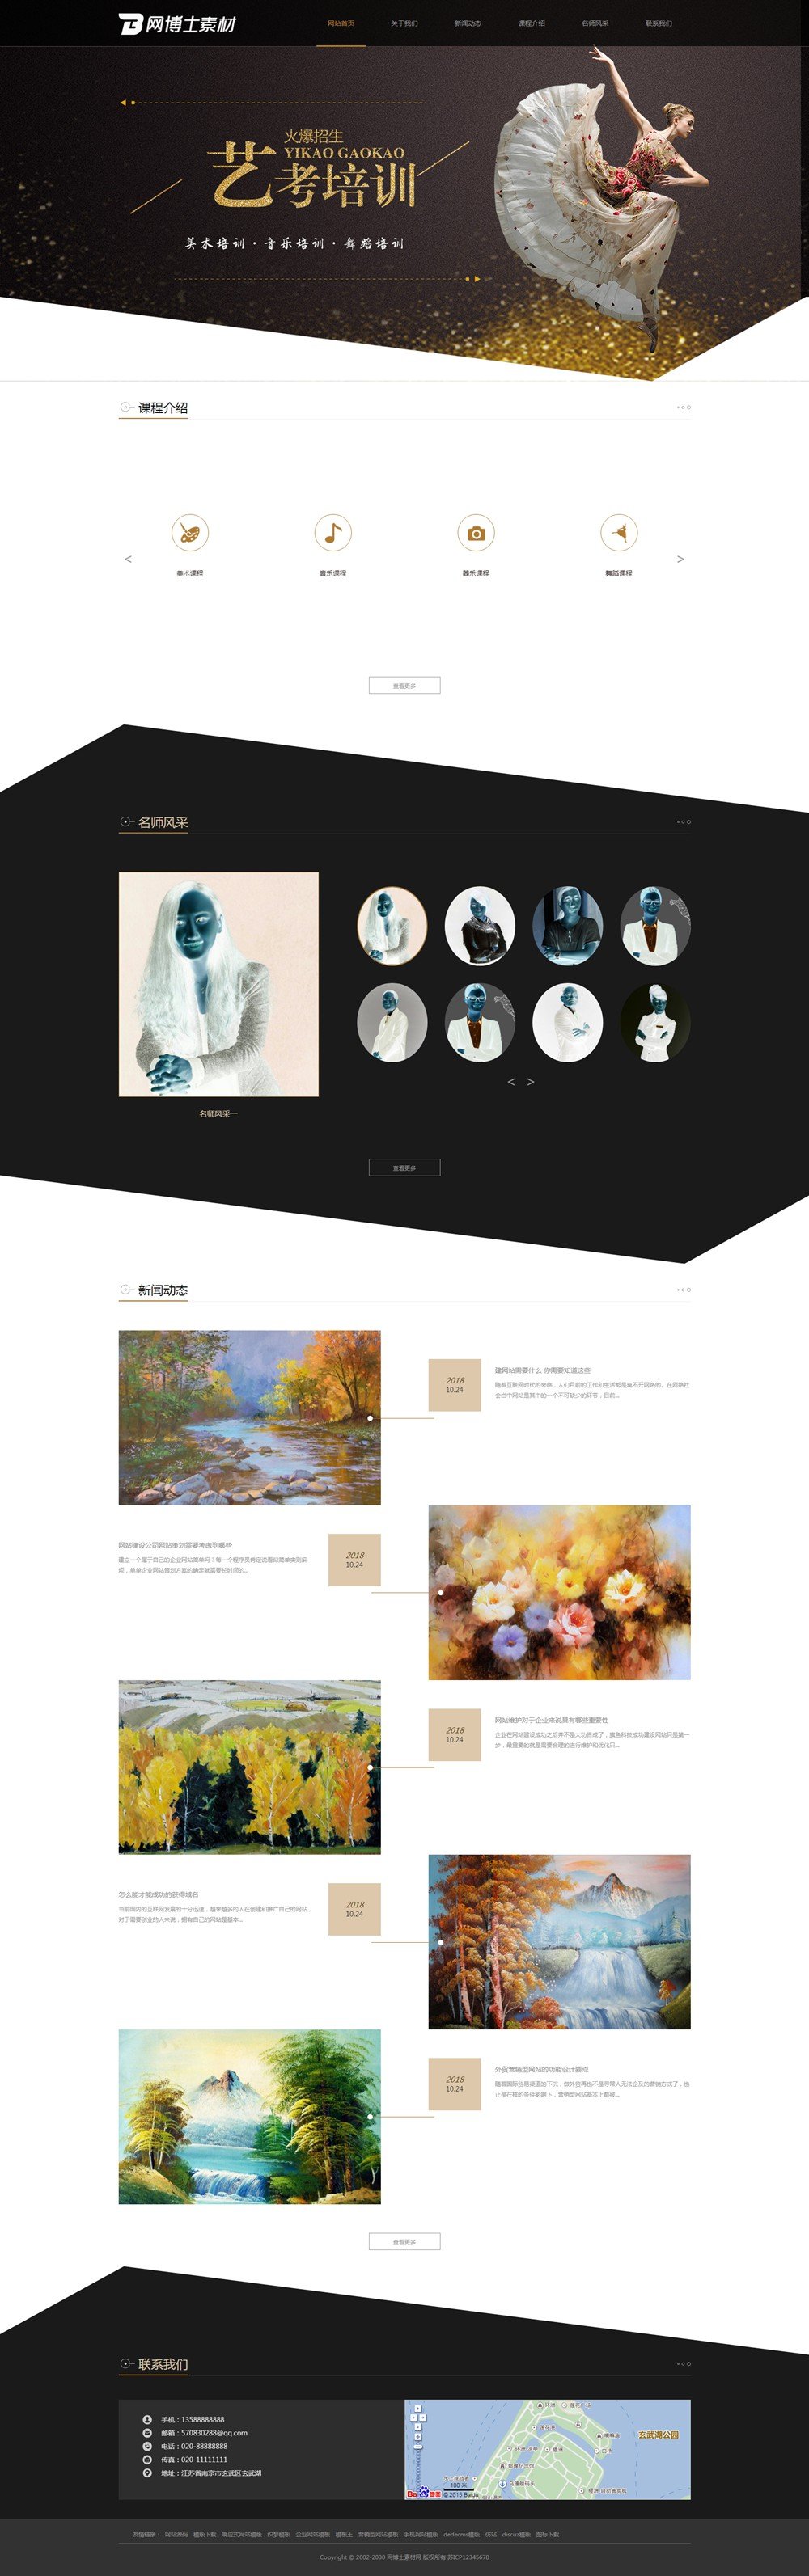 (自适应手机版)响应式艺考培训类网站织梦模板 HTML5艺术培训机构网站源码下载